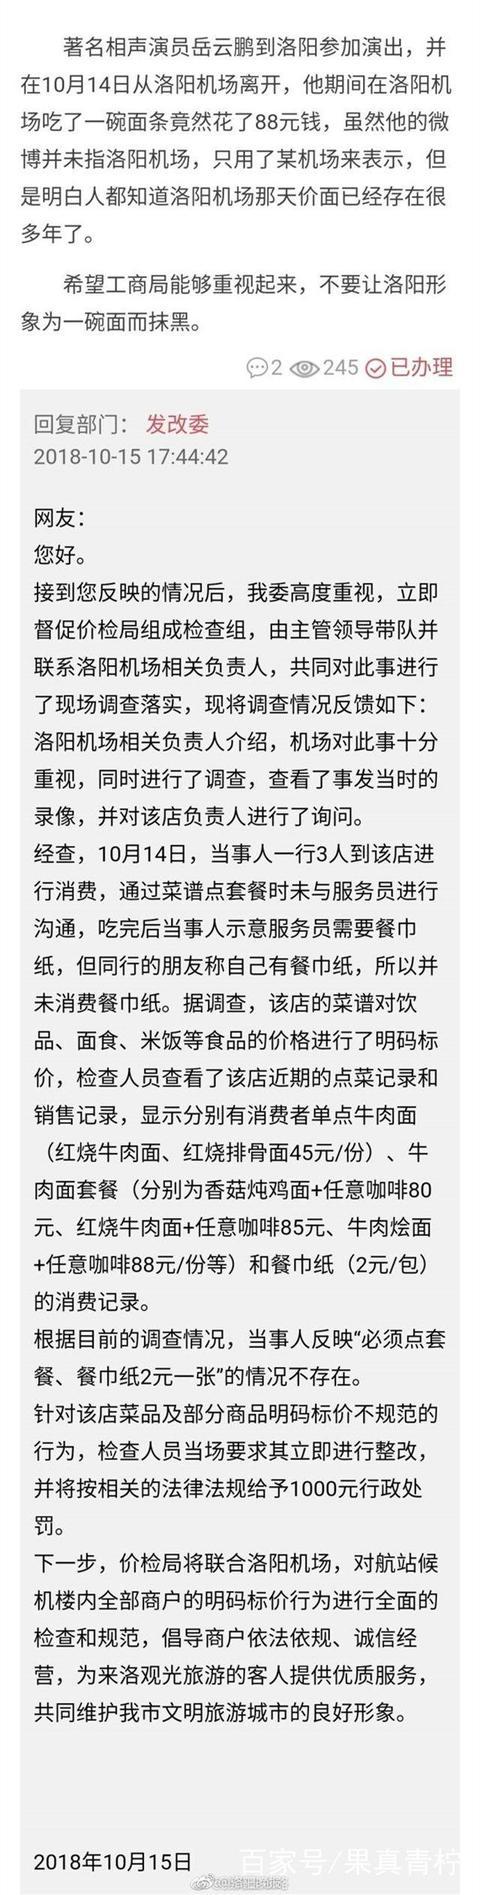 """岳云鹏机场""""天价面""""终于有了结果,洛阳发改委:情况不属实"""